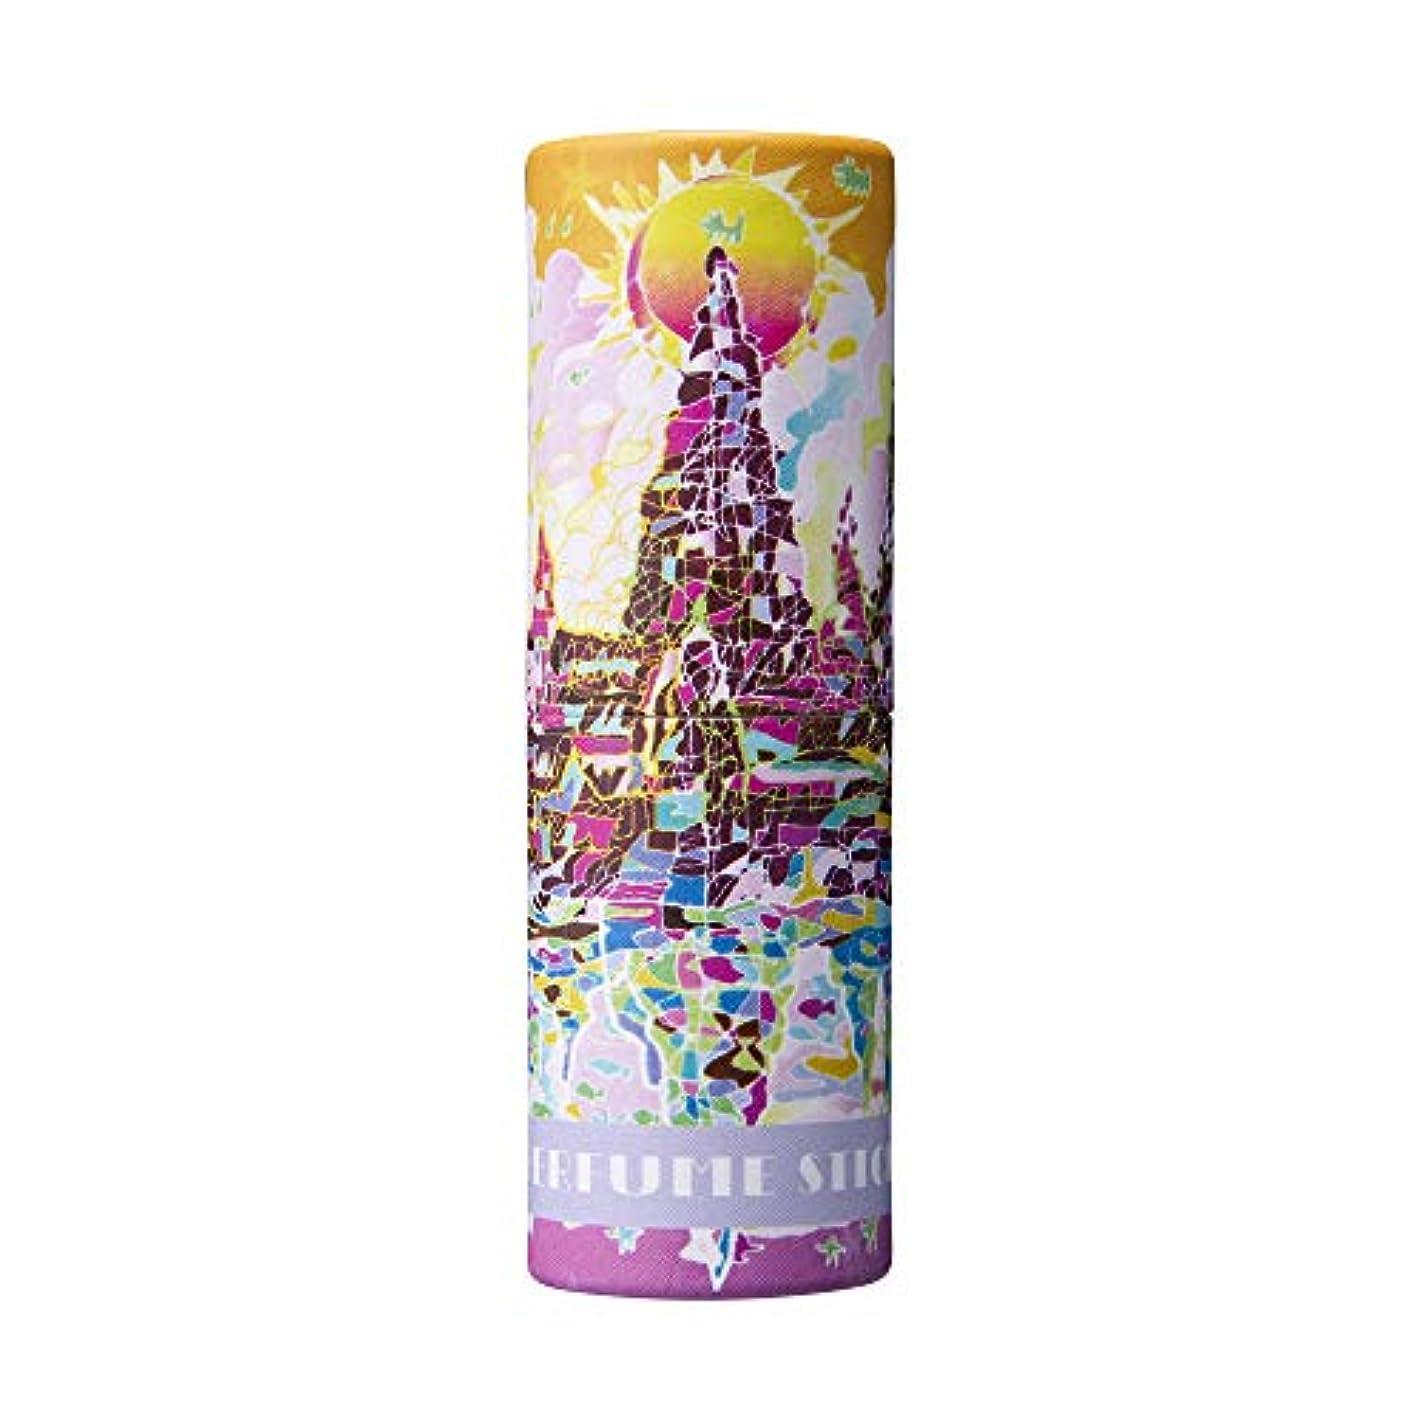 方言疲れたとまり木パフュームスティック ドリーム ペア&ピーチの香り 世界遺産デザイン 5g